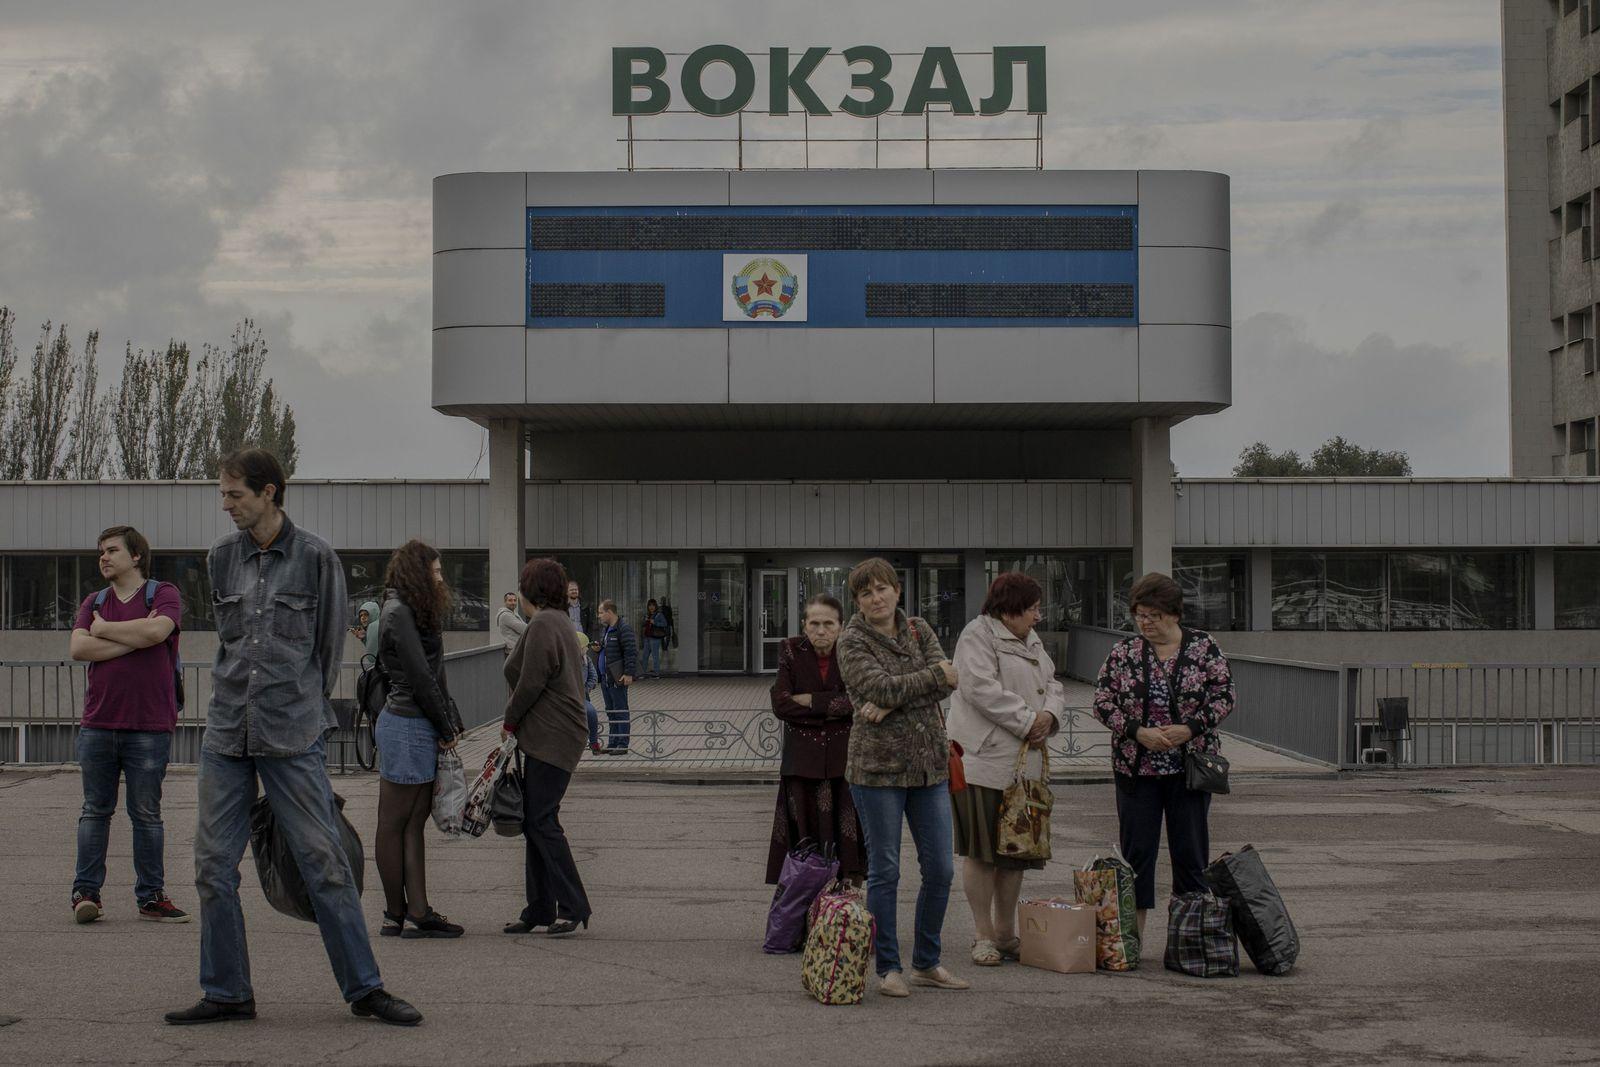 EINMALIGE VERWENDUNG SPIN SP 42/2019 S.100 Ukraine Bus station